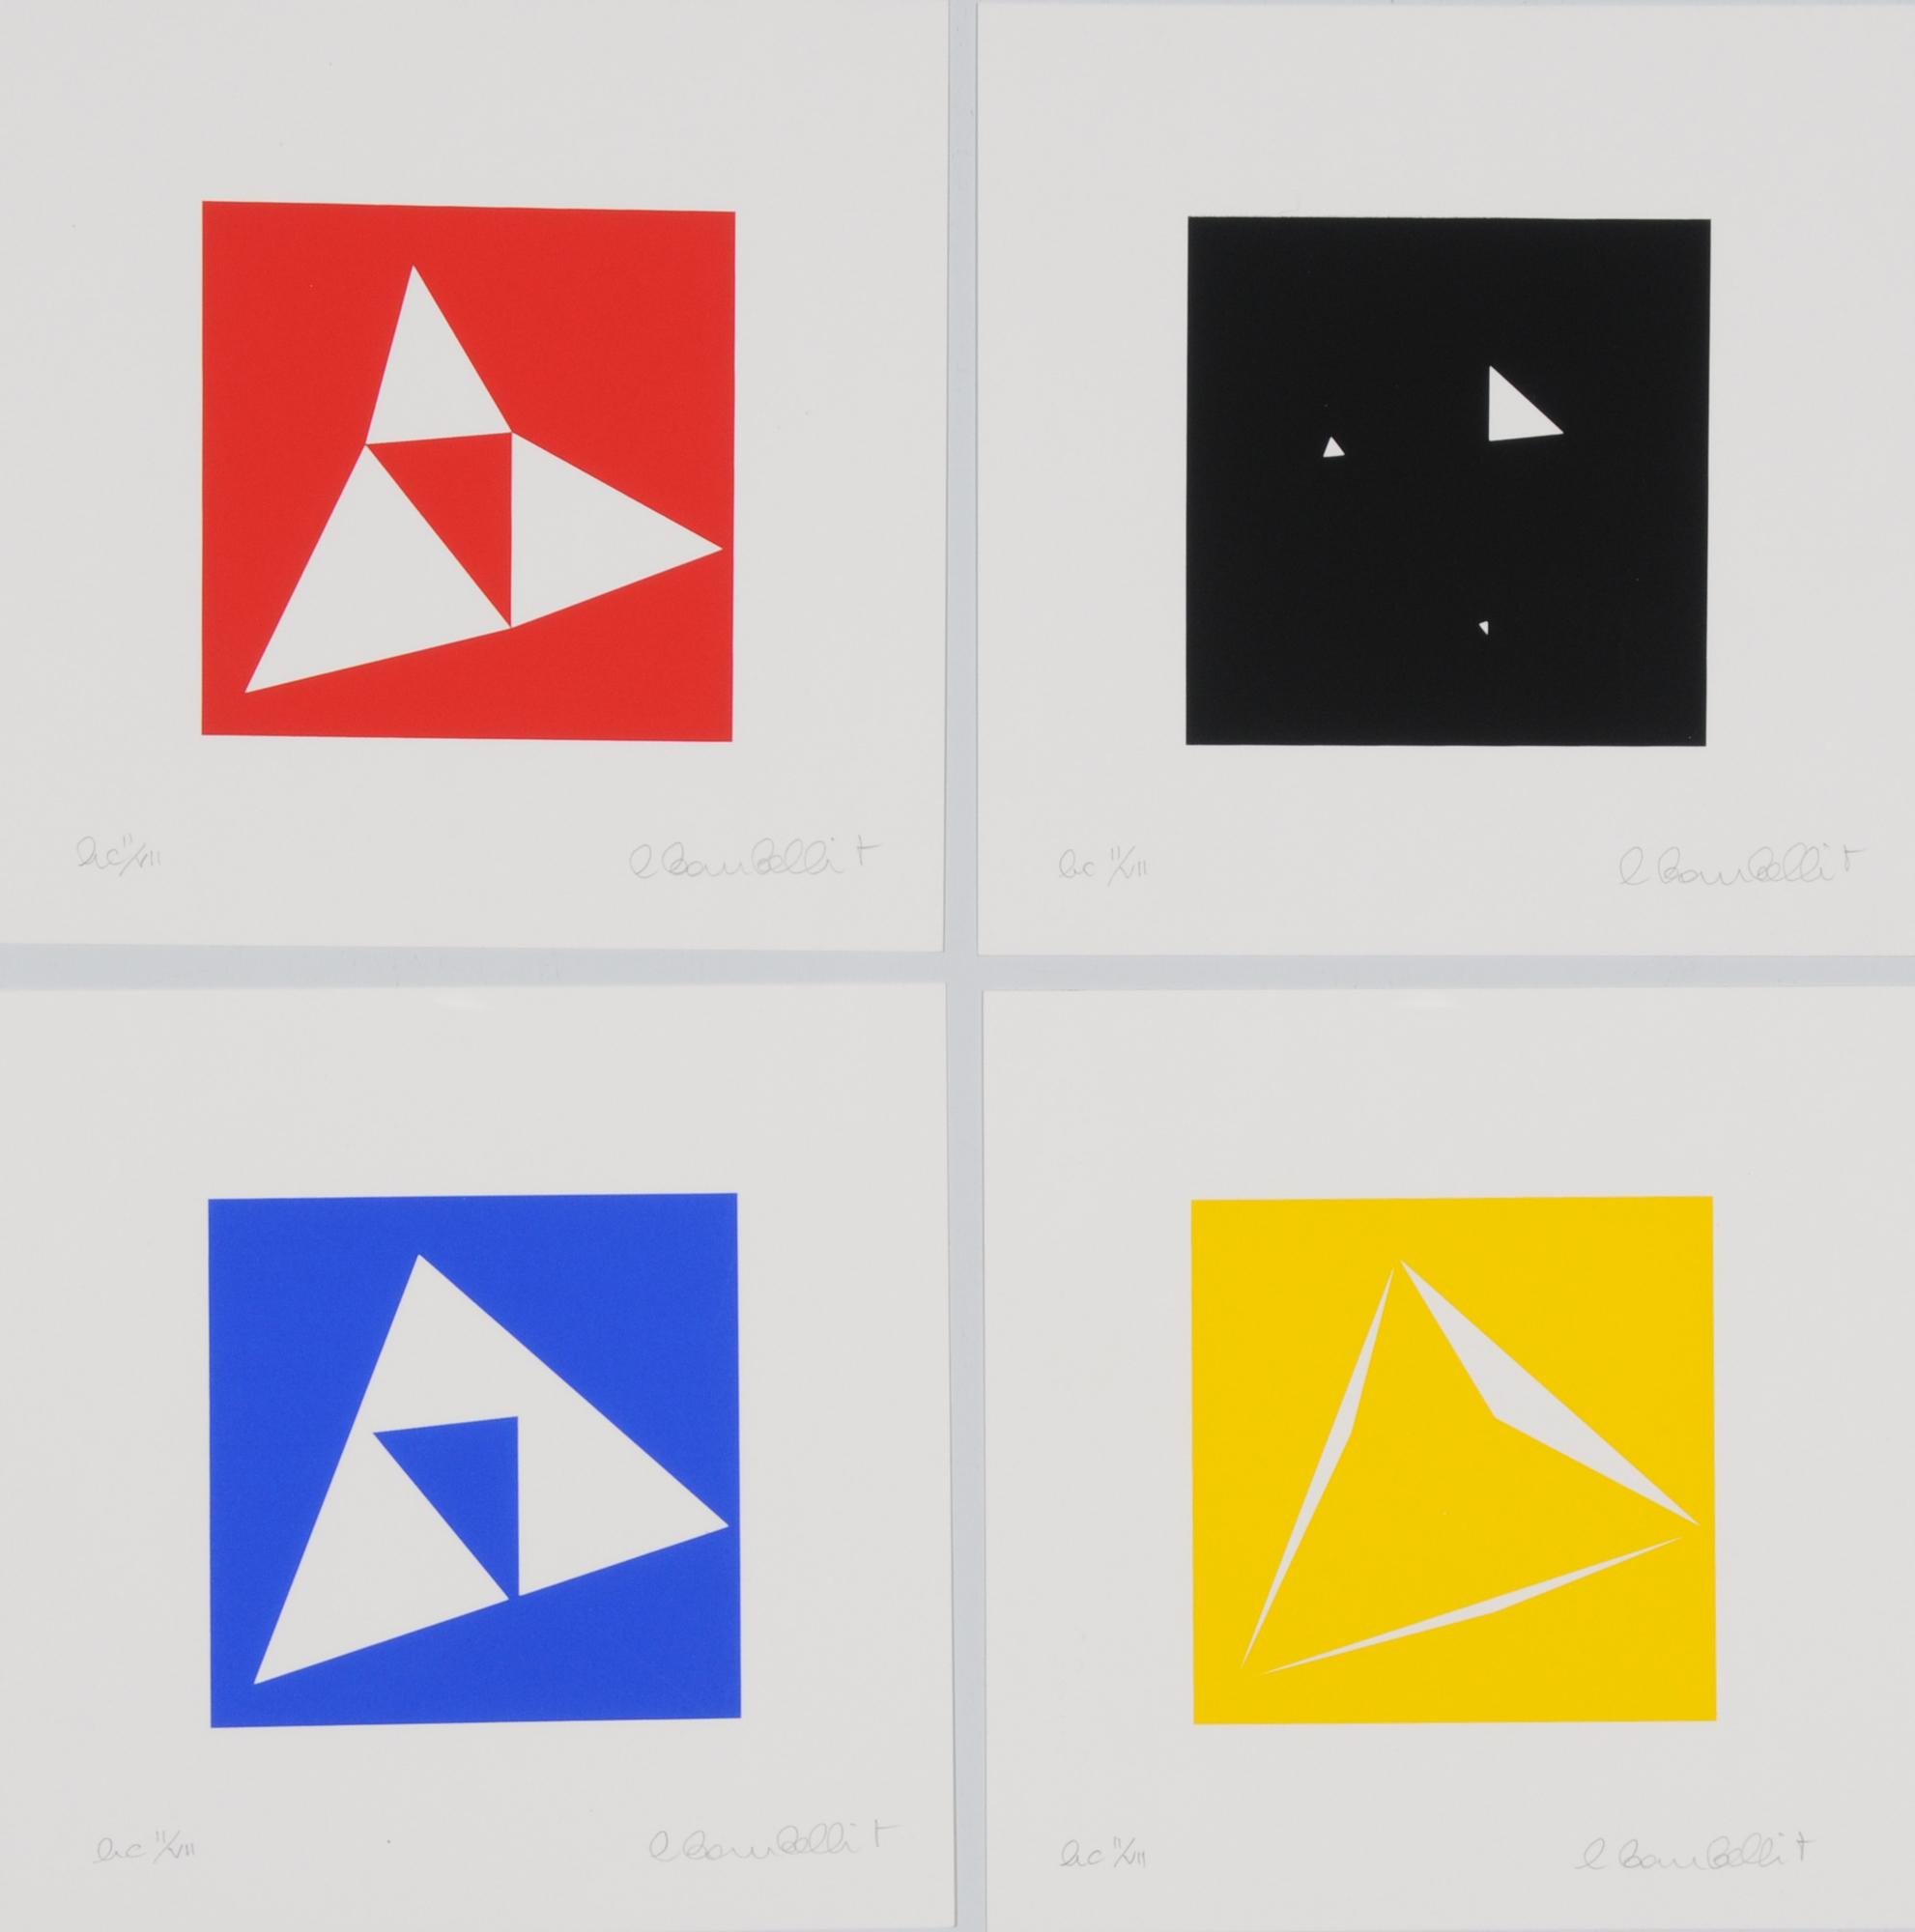 Bombelli Tiravanti Lanfranco, 3 folders: Quartetto pitagorico numero due, 2000; Quartetto pitagorico numero tre, 2000; Quartetto ventuno.a, 2002